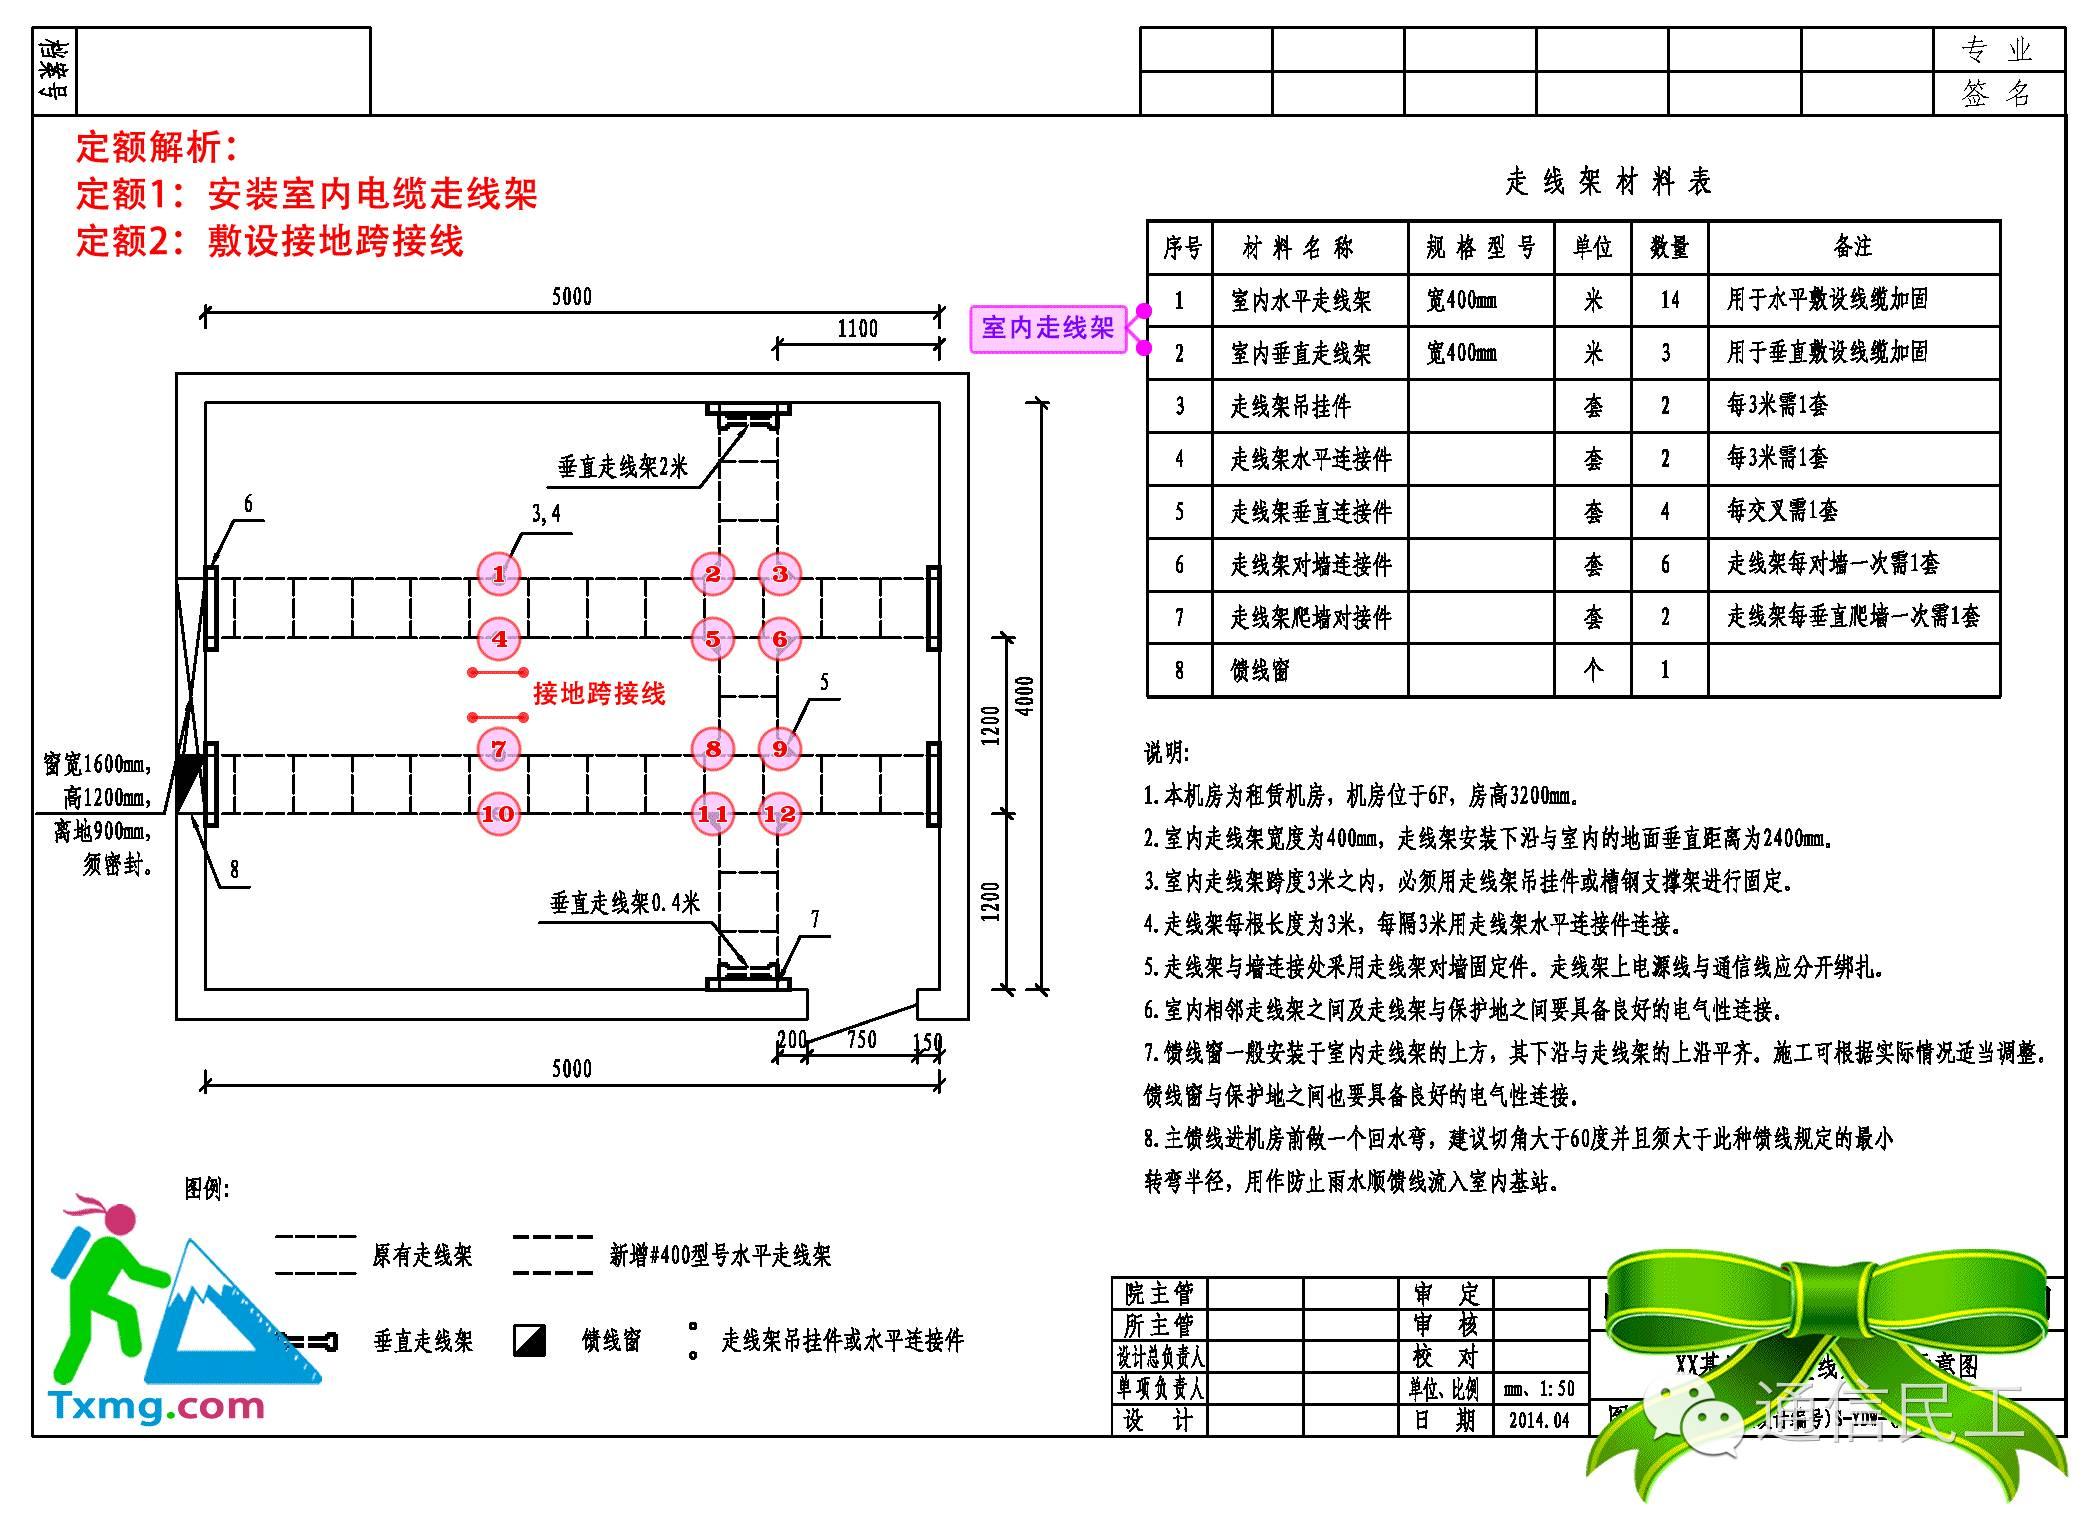 11-安装机架、缆线、及辅助设备